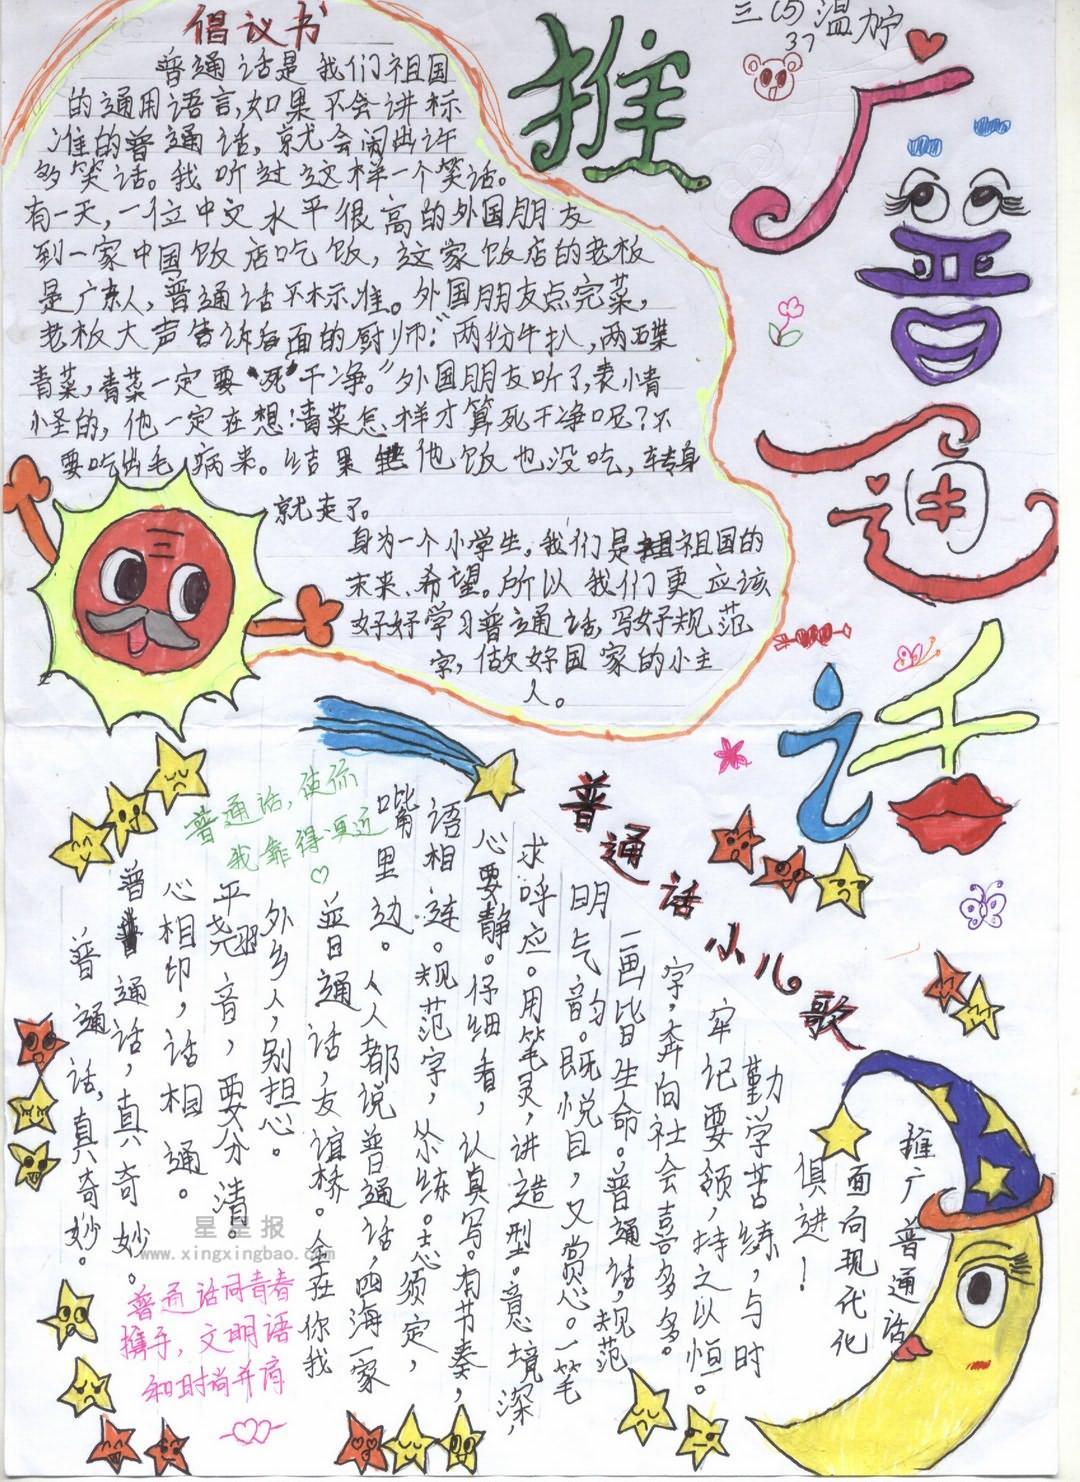 推广普通话手抄报版面设计图